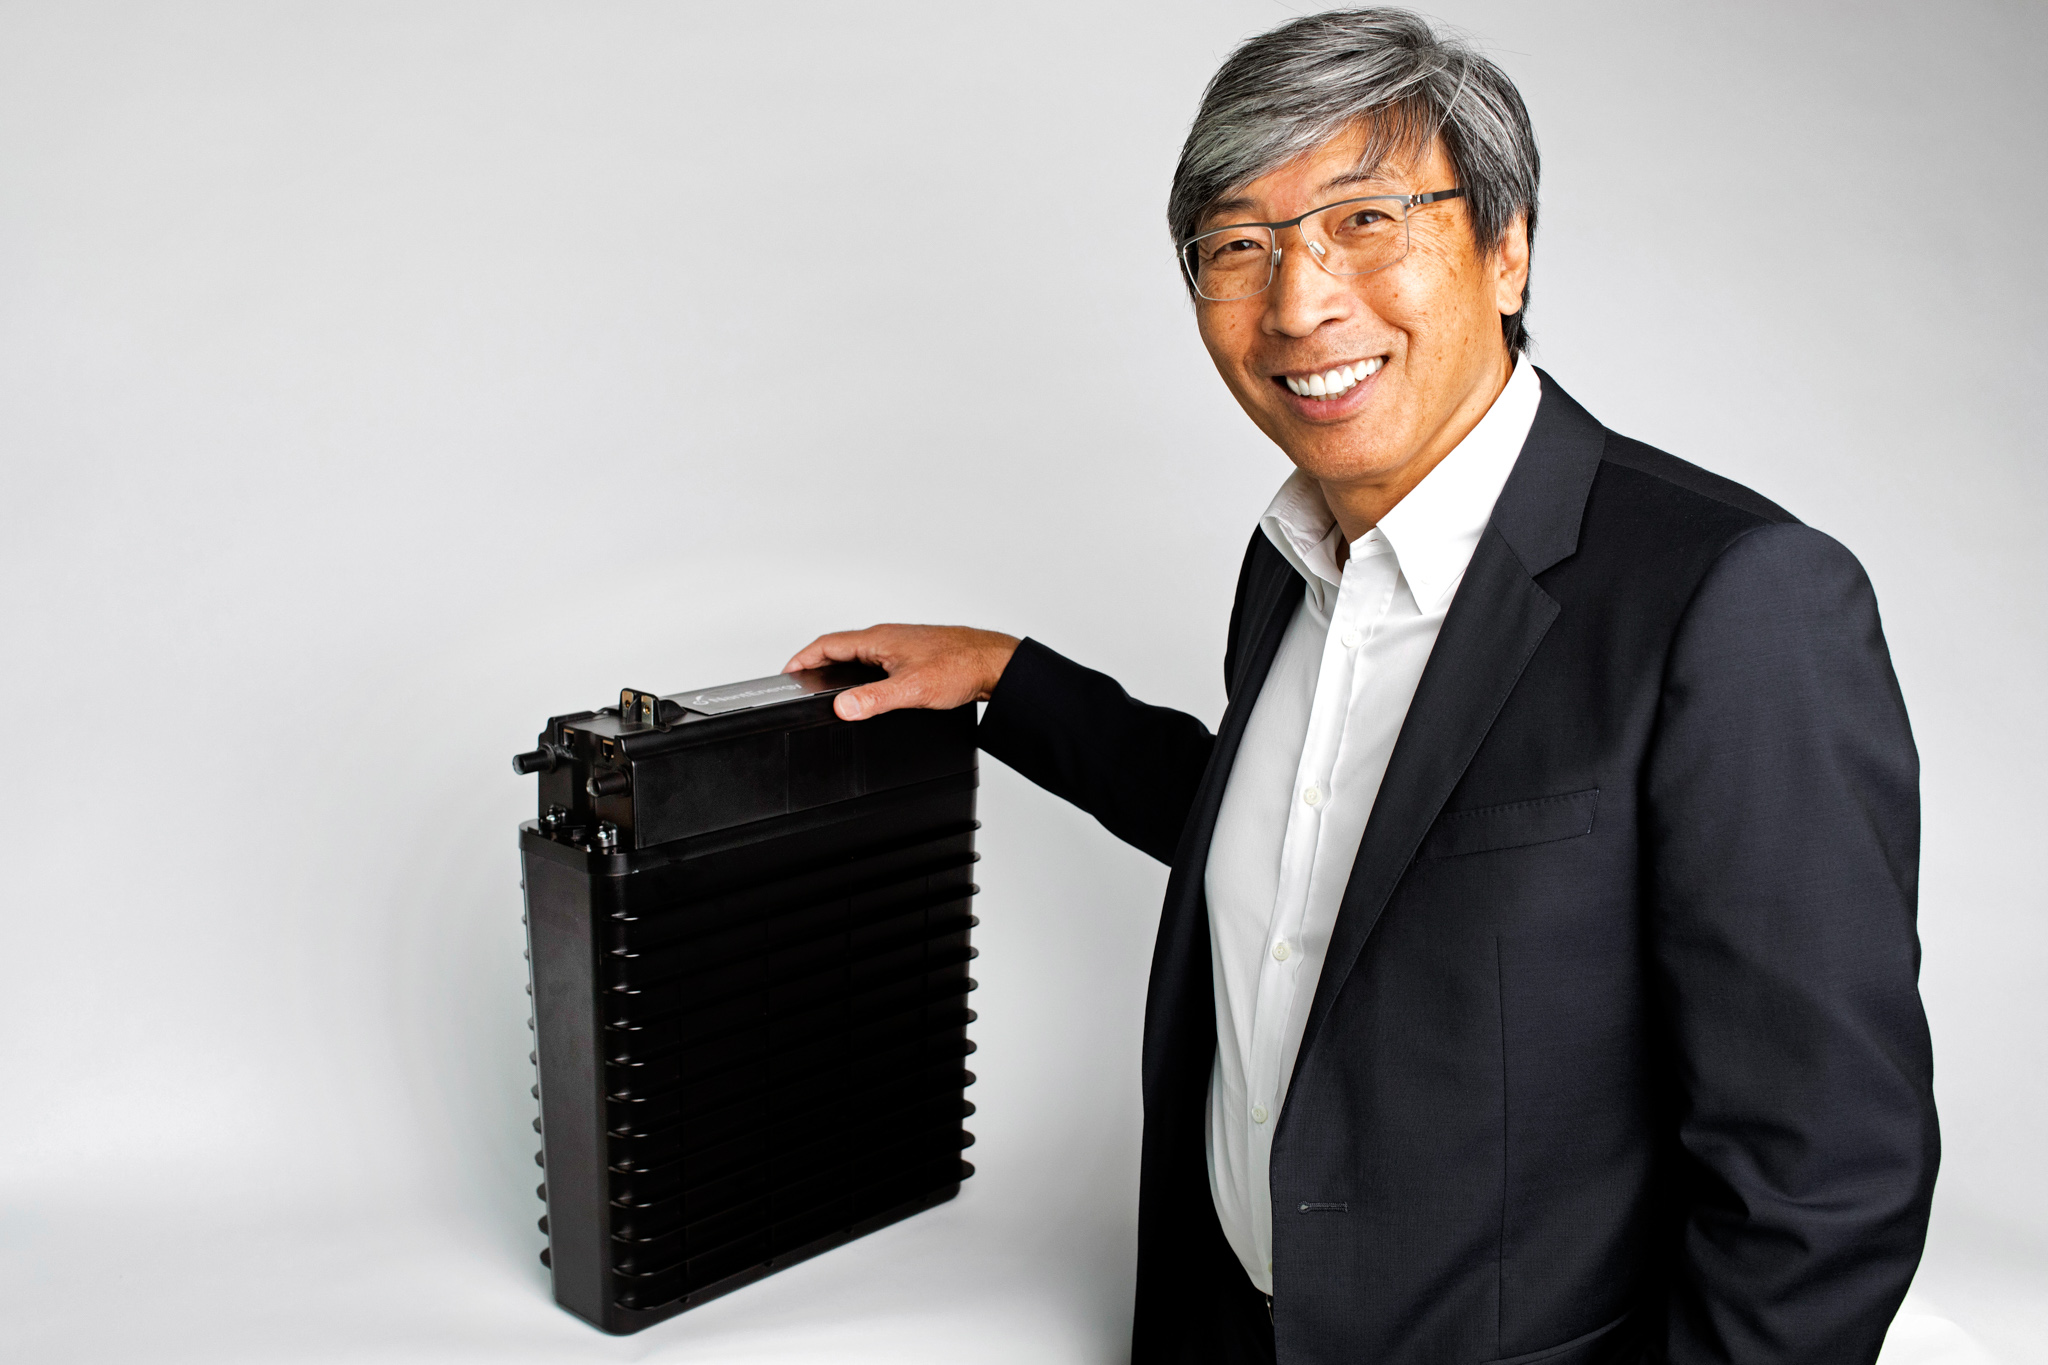 ナントエナジー社のパトリック・スン・シオン会長と同社が開発した充電式空気亜鉛電池 (© Calvin B. Alagot/Los Angeles Times)